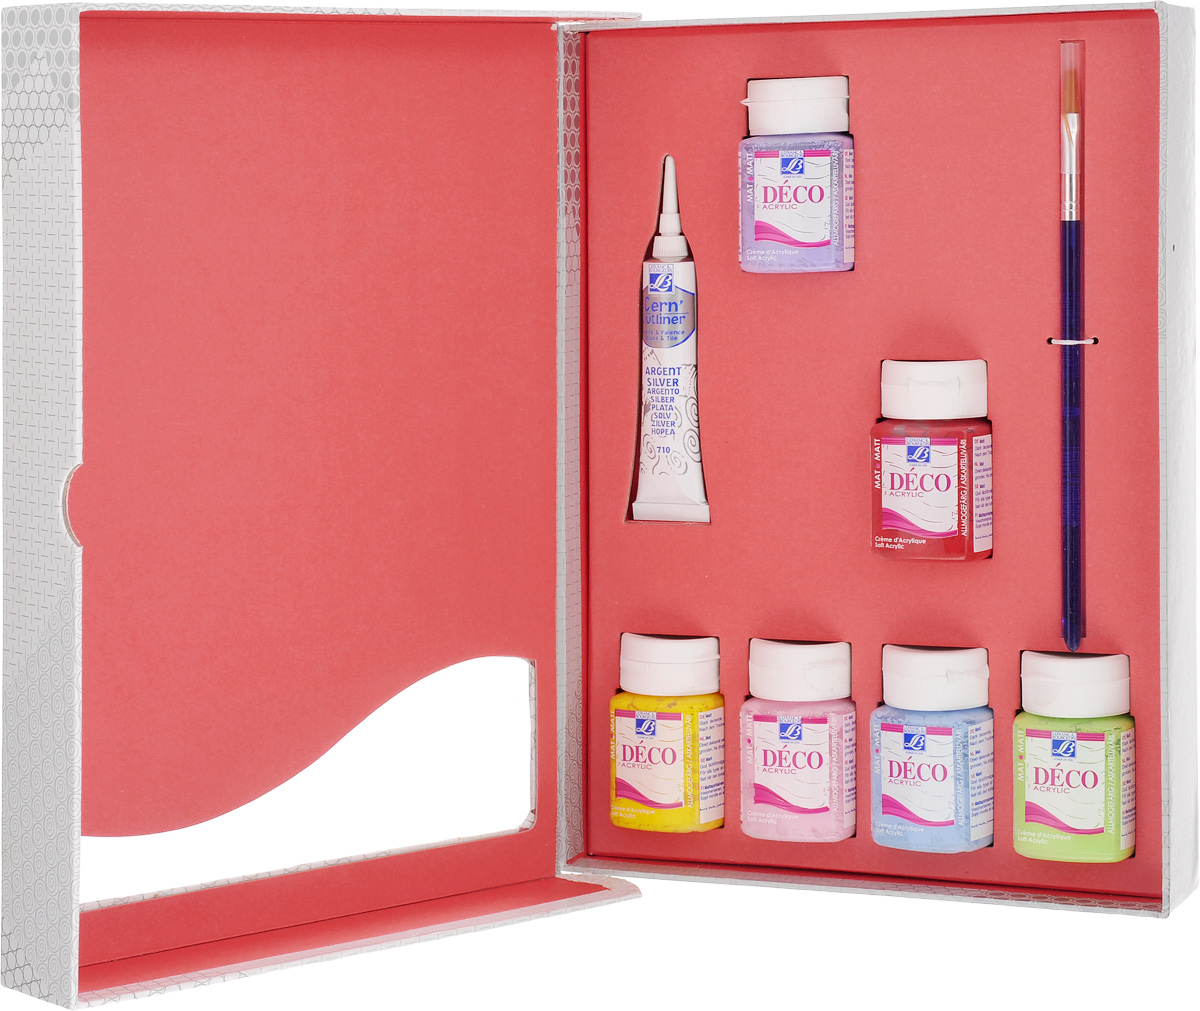 Набор акриловых красок Lefranc & Bourgeois Miss Deco, 8 предметов. LF21161505045850Набор Lefranc & Bourgeois Miss Deco включает 6 акриловых красок разных цветов (желтый нарцисс, интенсивный красный, розовый, лавандовый, голубой, анисовый), серебряный контур и кисть. Краски с эффектом матового покрытия предназначены для художественных ремесел и хобби. Произведены по специальной рецептуре для усиления сцепления на всех впитывающих поверхностях. Идеально подходят для окрашивания дерева, бумаги, картона, оштукатуренных поверхностей, моделирующей пасты, глины, соломки, стен с матовым эмульсионным покрытием, тканей, не допускающих стирки. Также краски можно использовать для невпитывающих поверхностей: стекло, металл (металлические поверхности должны быть загрунтованы), пластик. Высокая насыщенность красок создает эффект нежного бархатистого покрытия. Взаимосмешиваемы. Прочное матовое покрытие обладает пылезащитными свойствами.Объем краски: 50 мл. Количество красок: 6 шт. Объем контура: 20 мл. Длина кисти: 19 см.